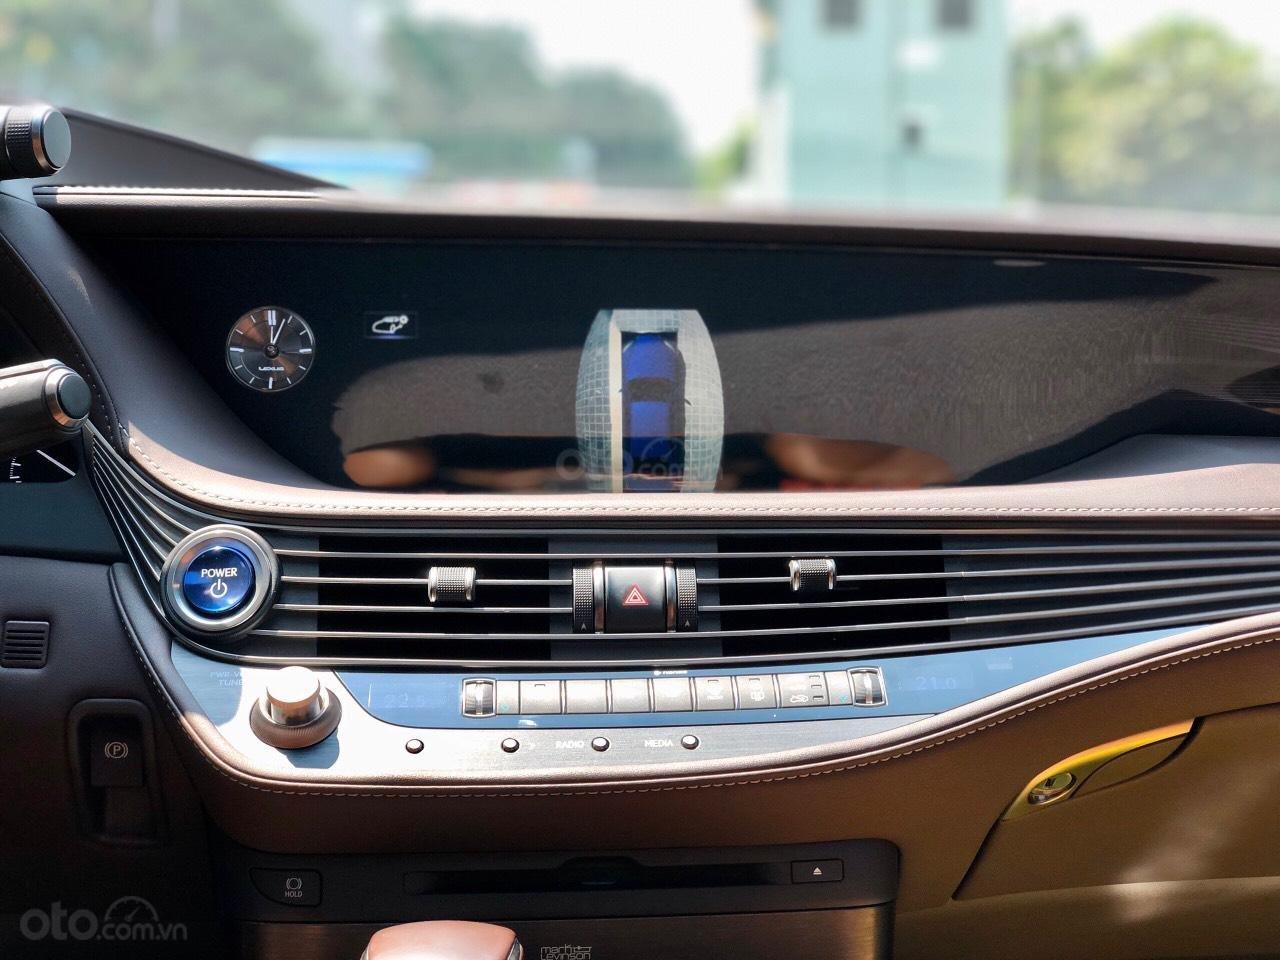 Bán xe Lexus LS 500H 2017, màu xanh lam, giá tốt giao ngay toàn quốc, LH Ngọc Vy 093.996.2368 (20)